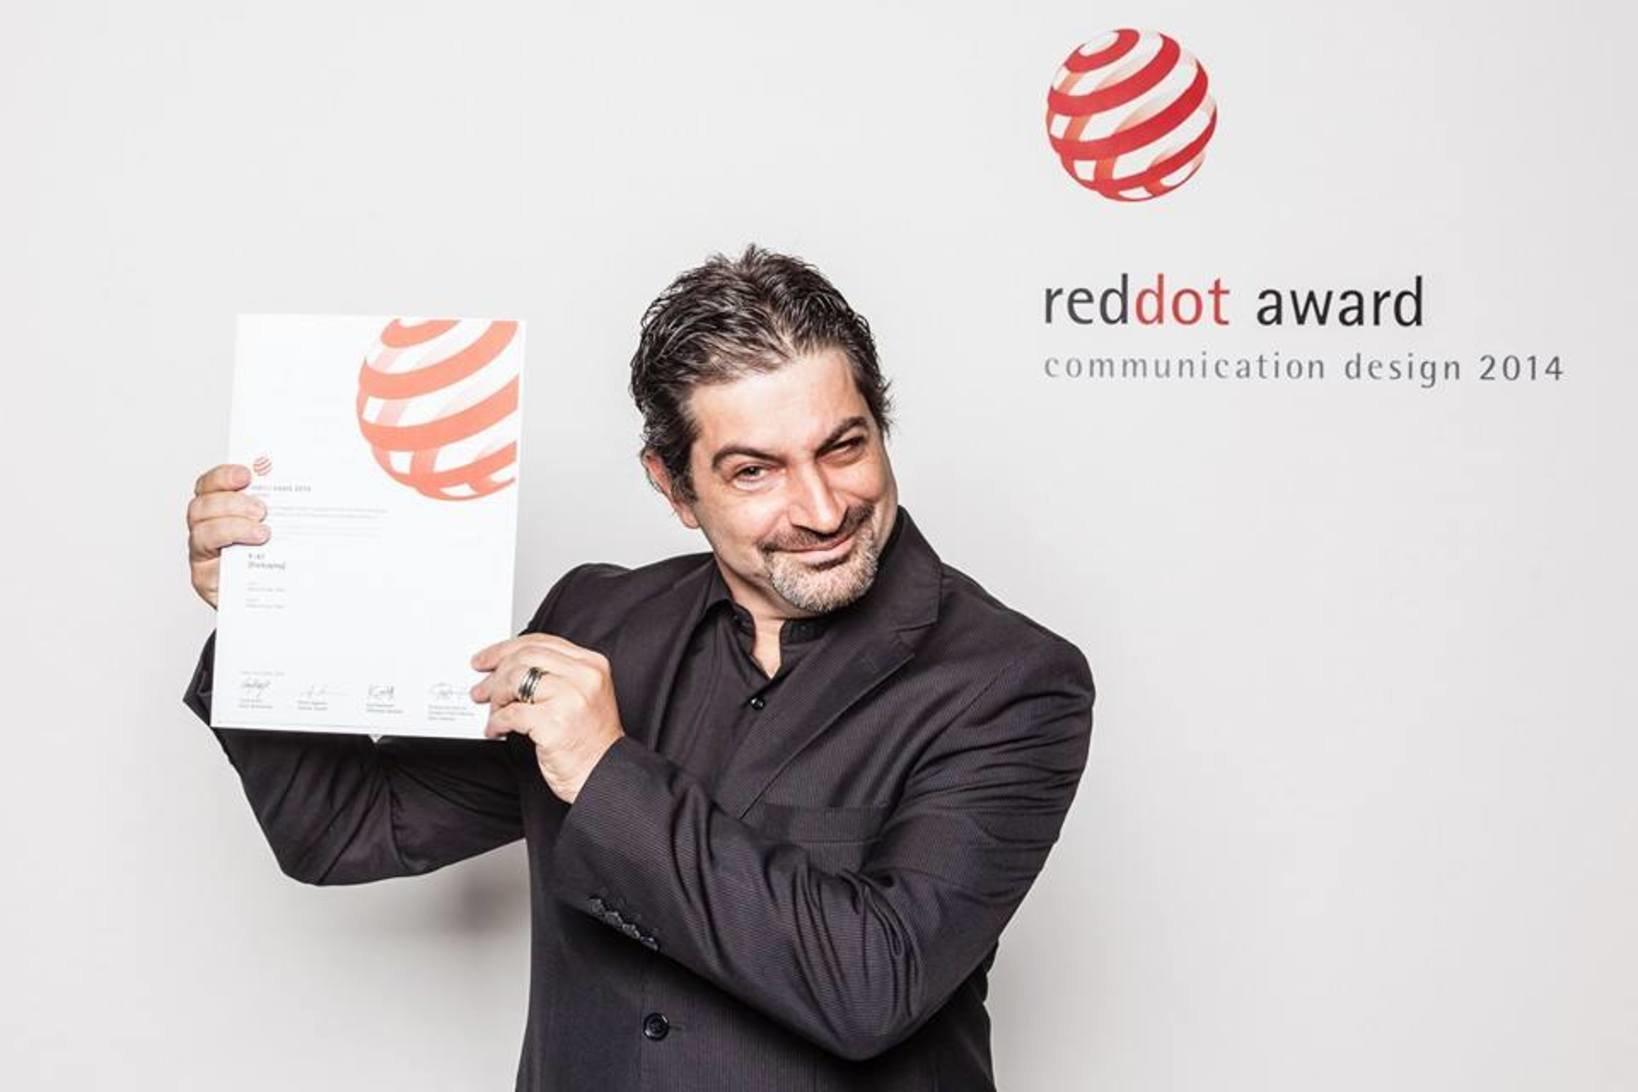 2014年のレッドドットデザイン賞を受賞したズヴィアド・チコリア氏